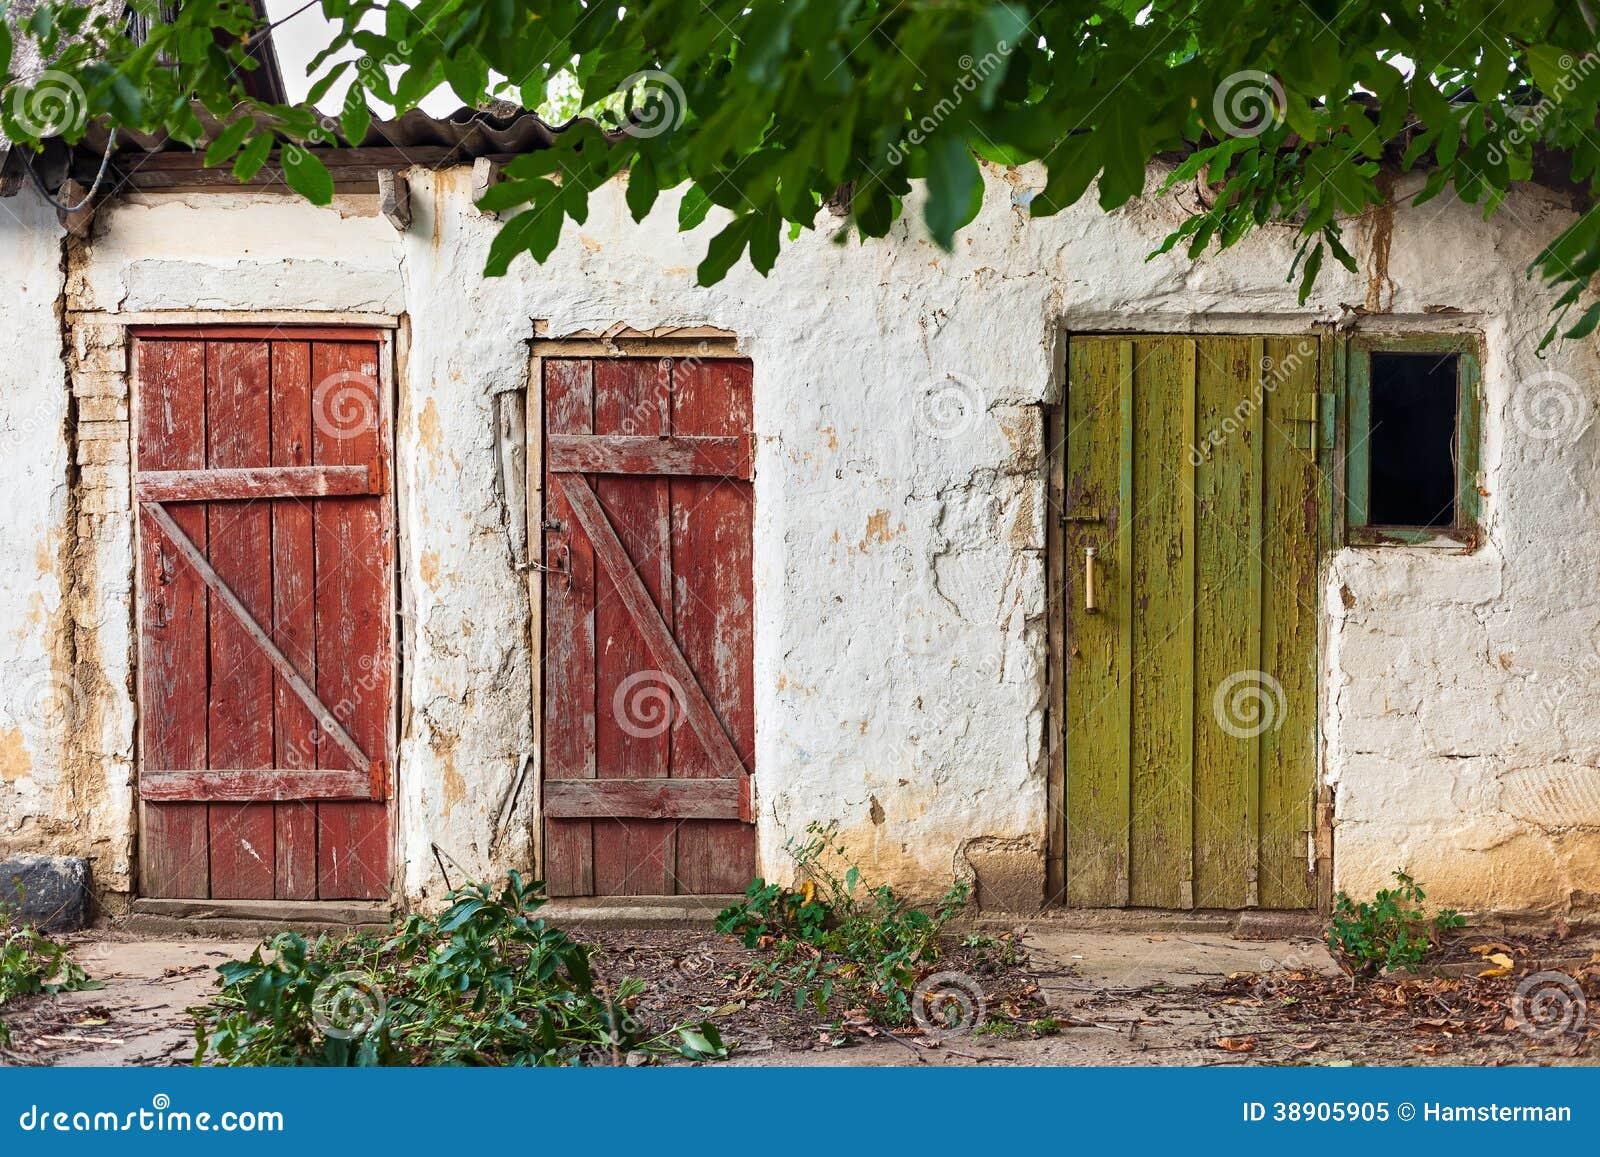 trois vieilles portes peintes en bois image stock image du architecture grange 38905905. Black Bedroom Furniture Sets. Home Design Ideas